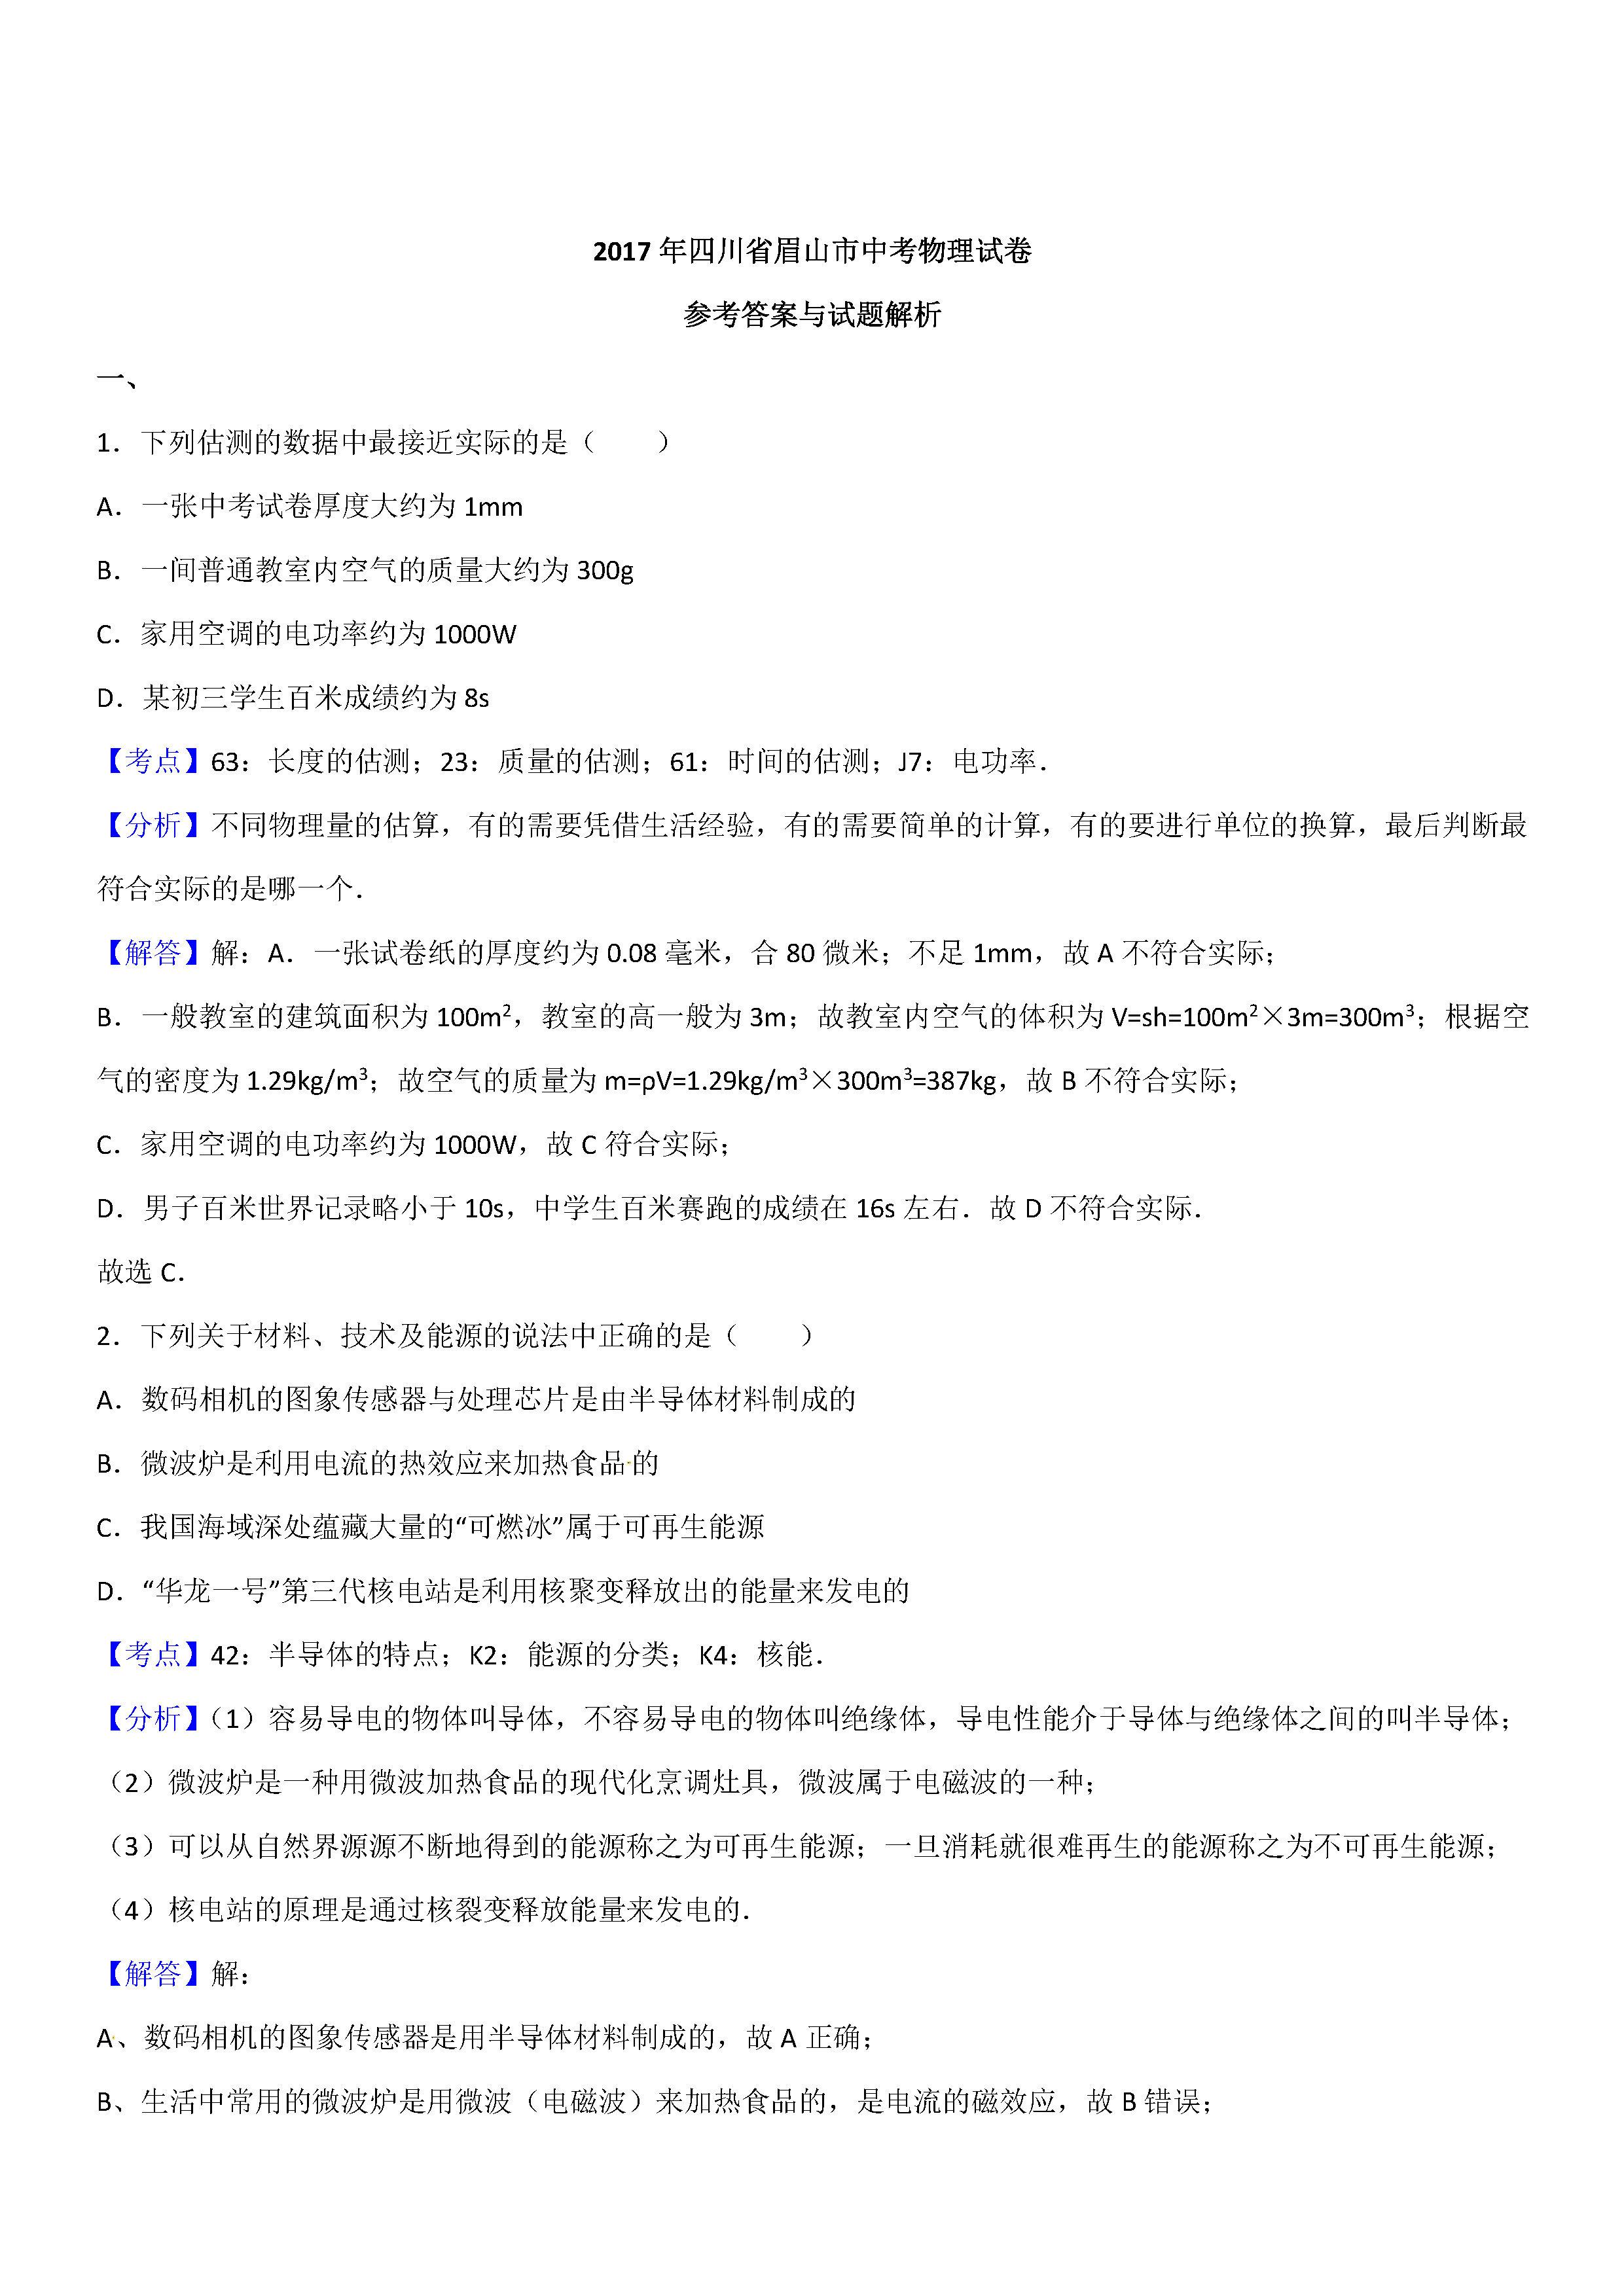 2017眉山中考物理试题及答案解析(word版含答案)